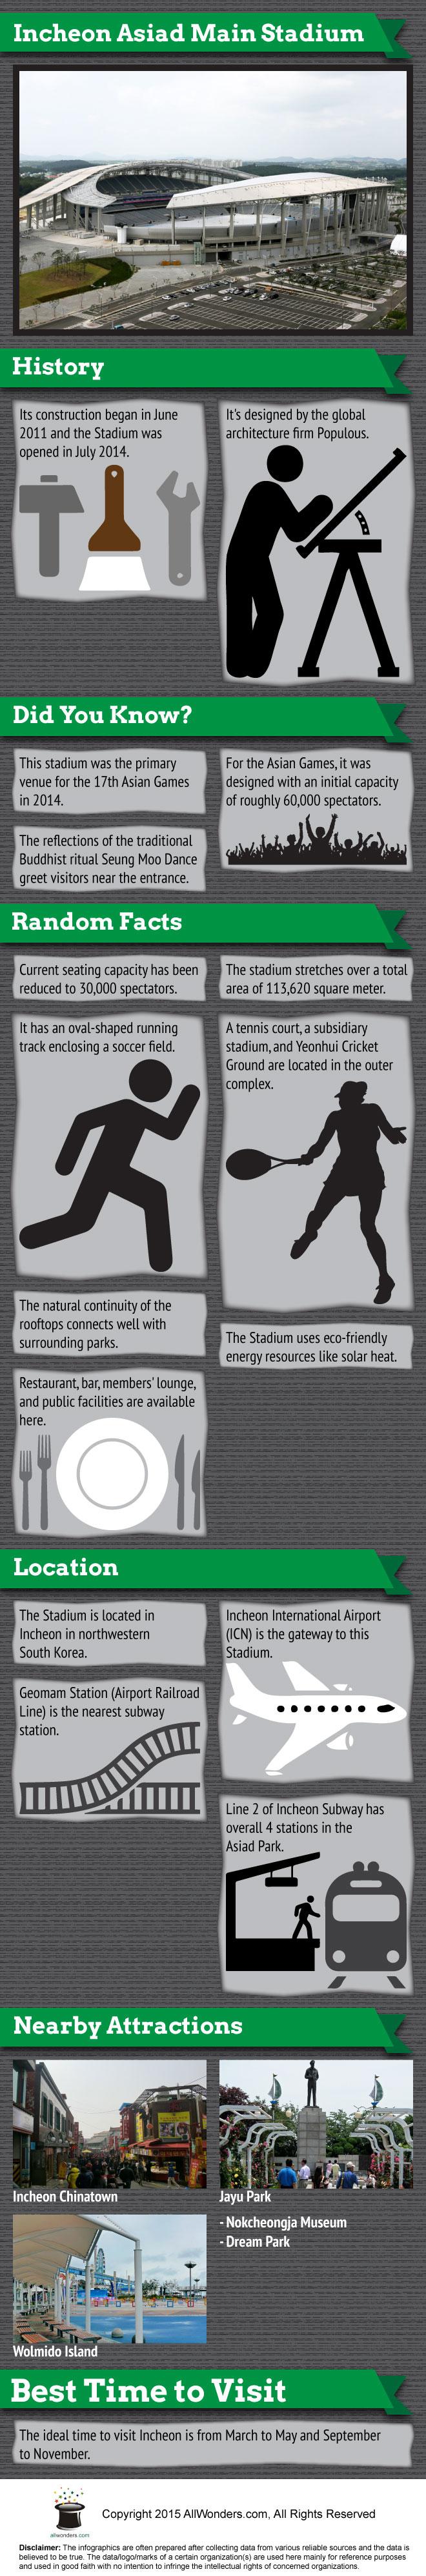 Incheon Asiad Main Stadium Infographic